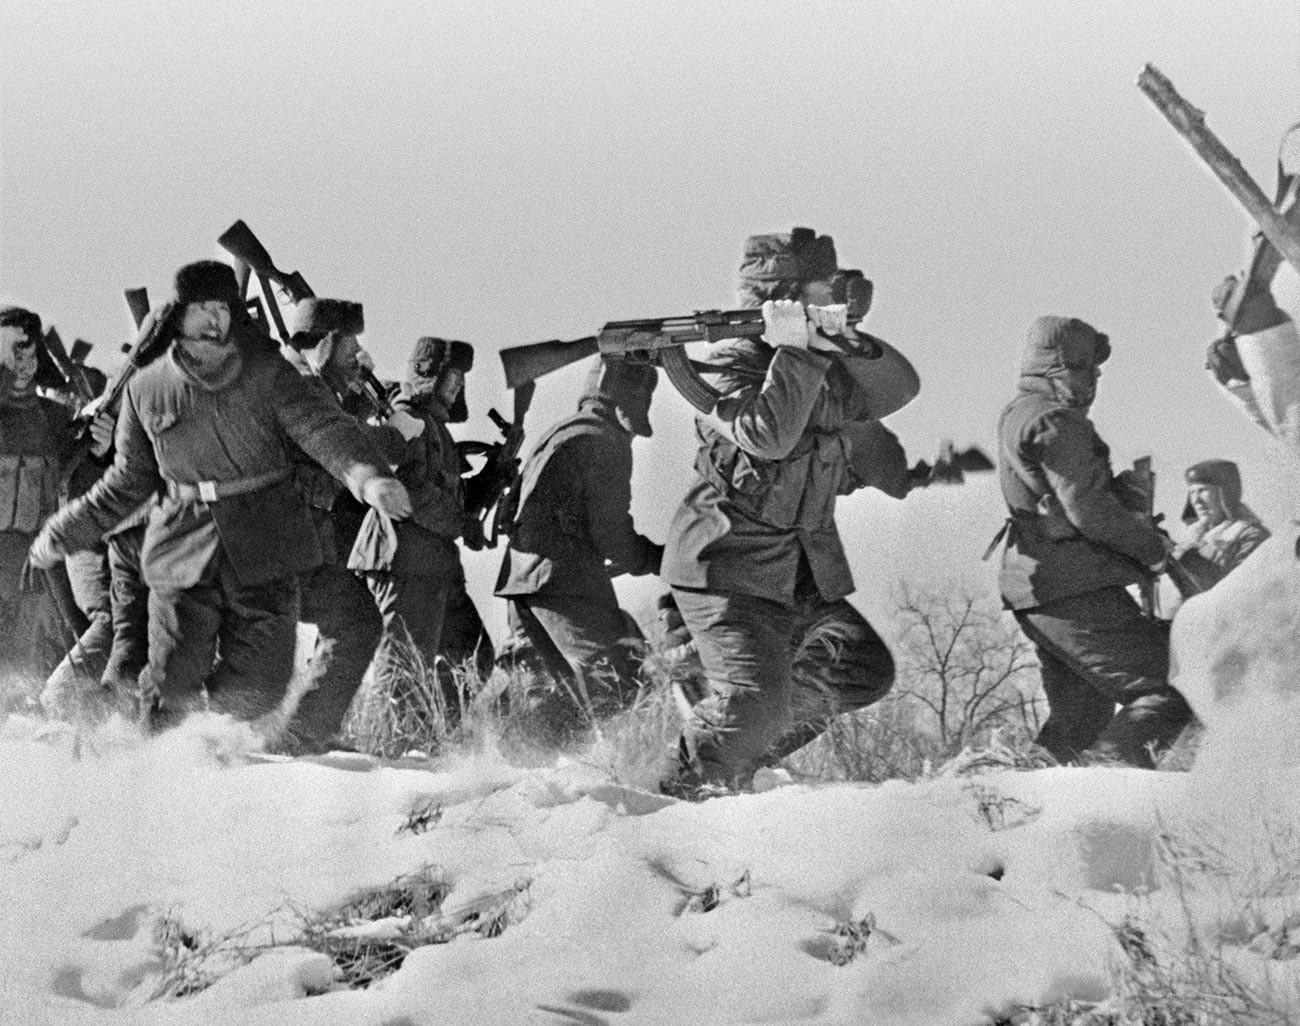 """Soldati cinesi cercano di raggiungere l'isola Damanskij, conosciuta in Cina come """"Zhēnbao Dao"""", """"Isola Preziosa"""""""